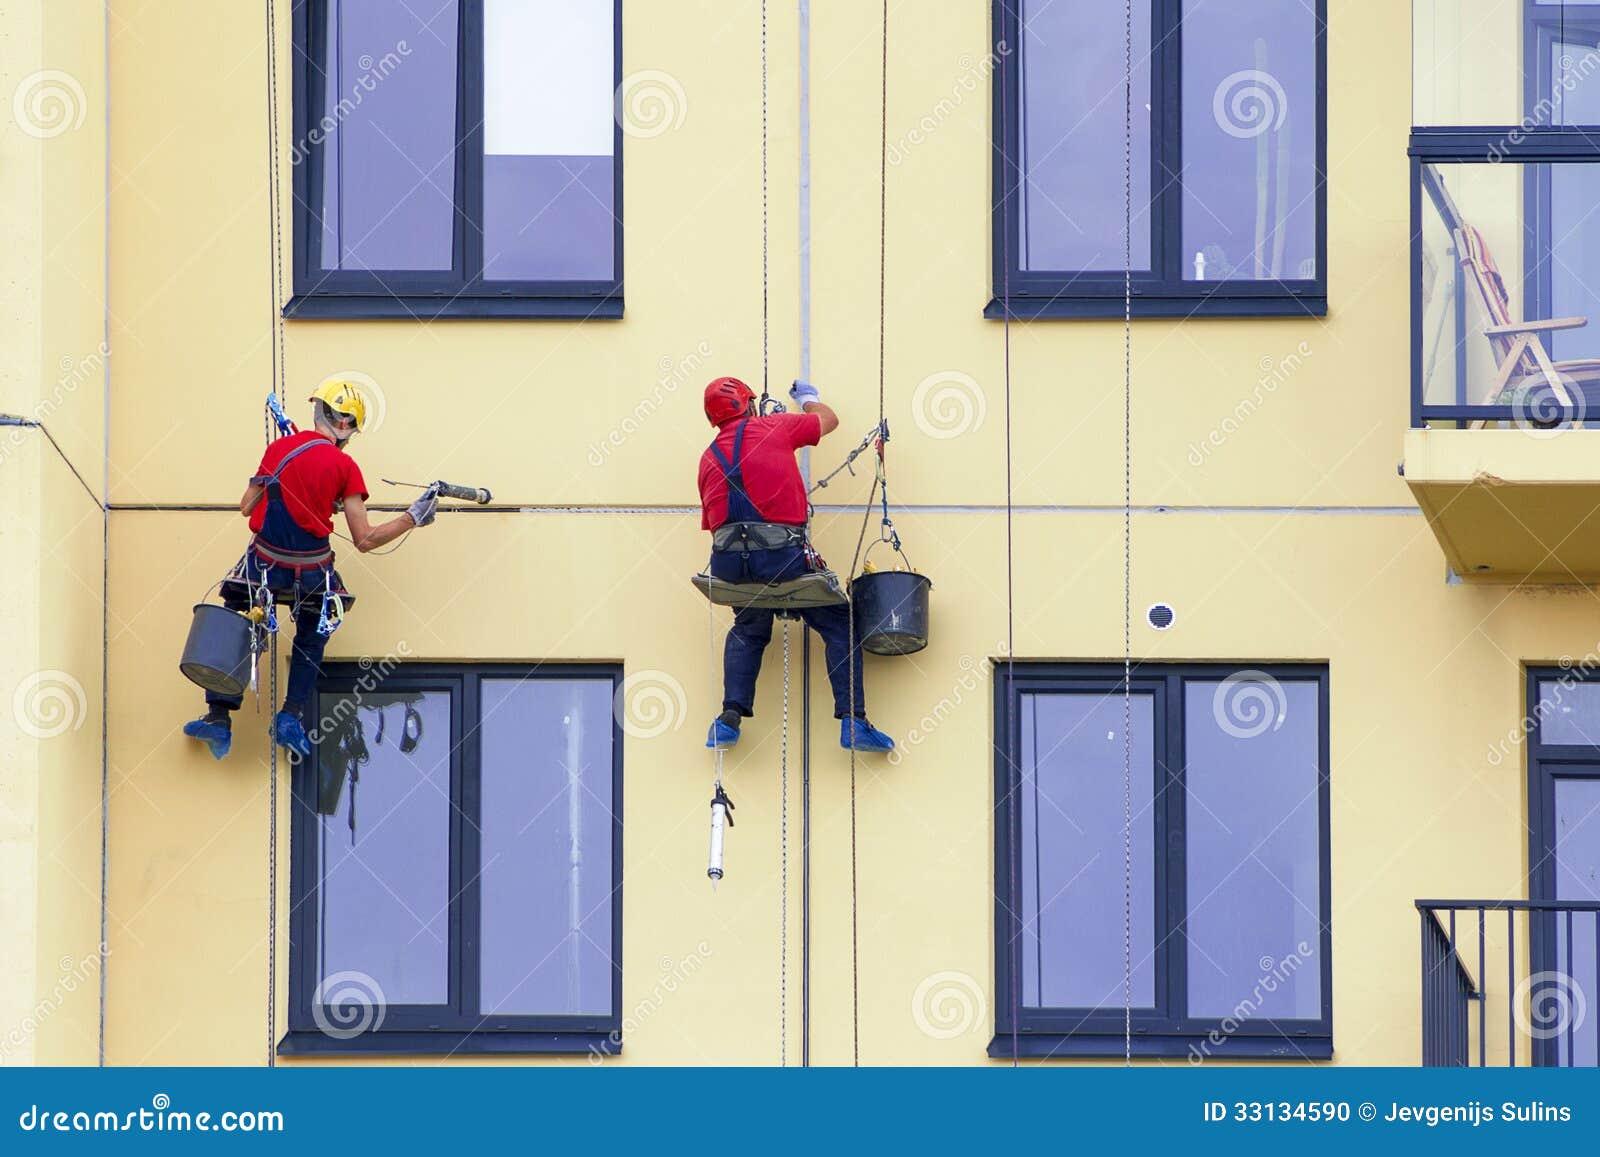 Fachada de la casa de la pintura imagen editorial imagen 33134590 - Pintura para fachada ...